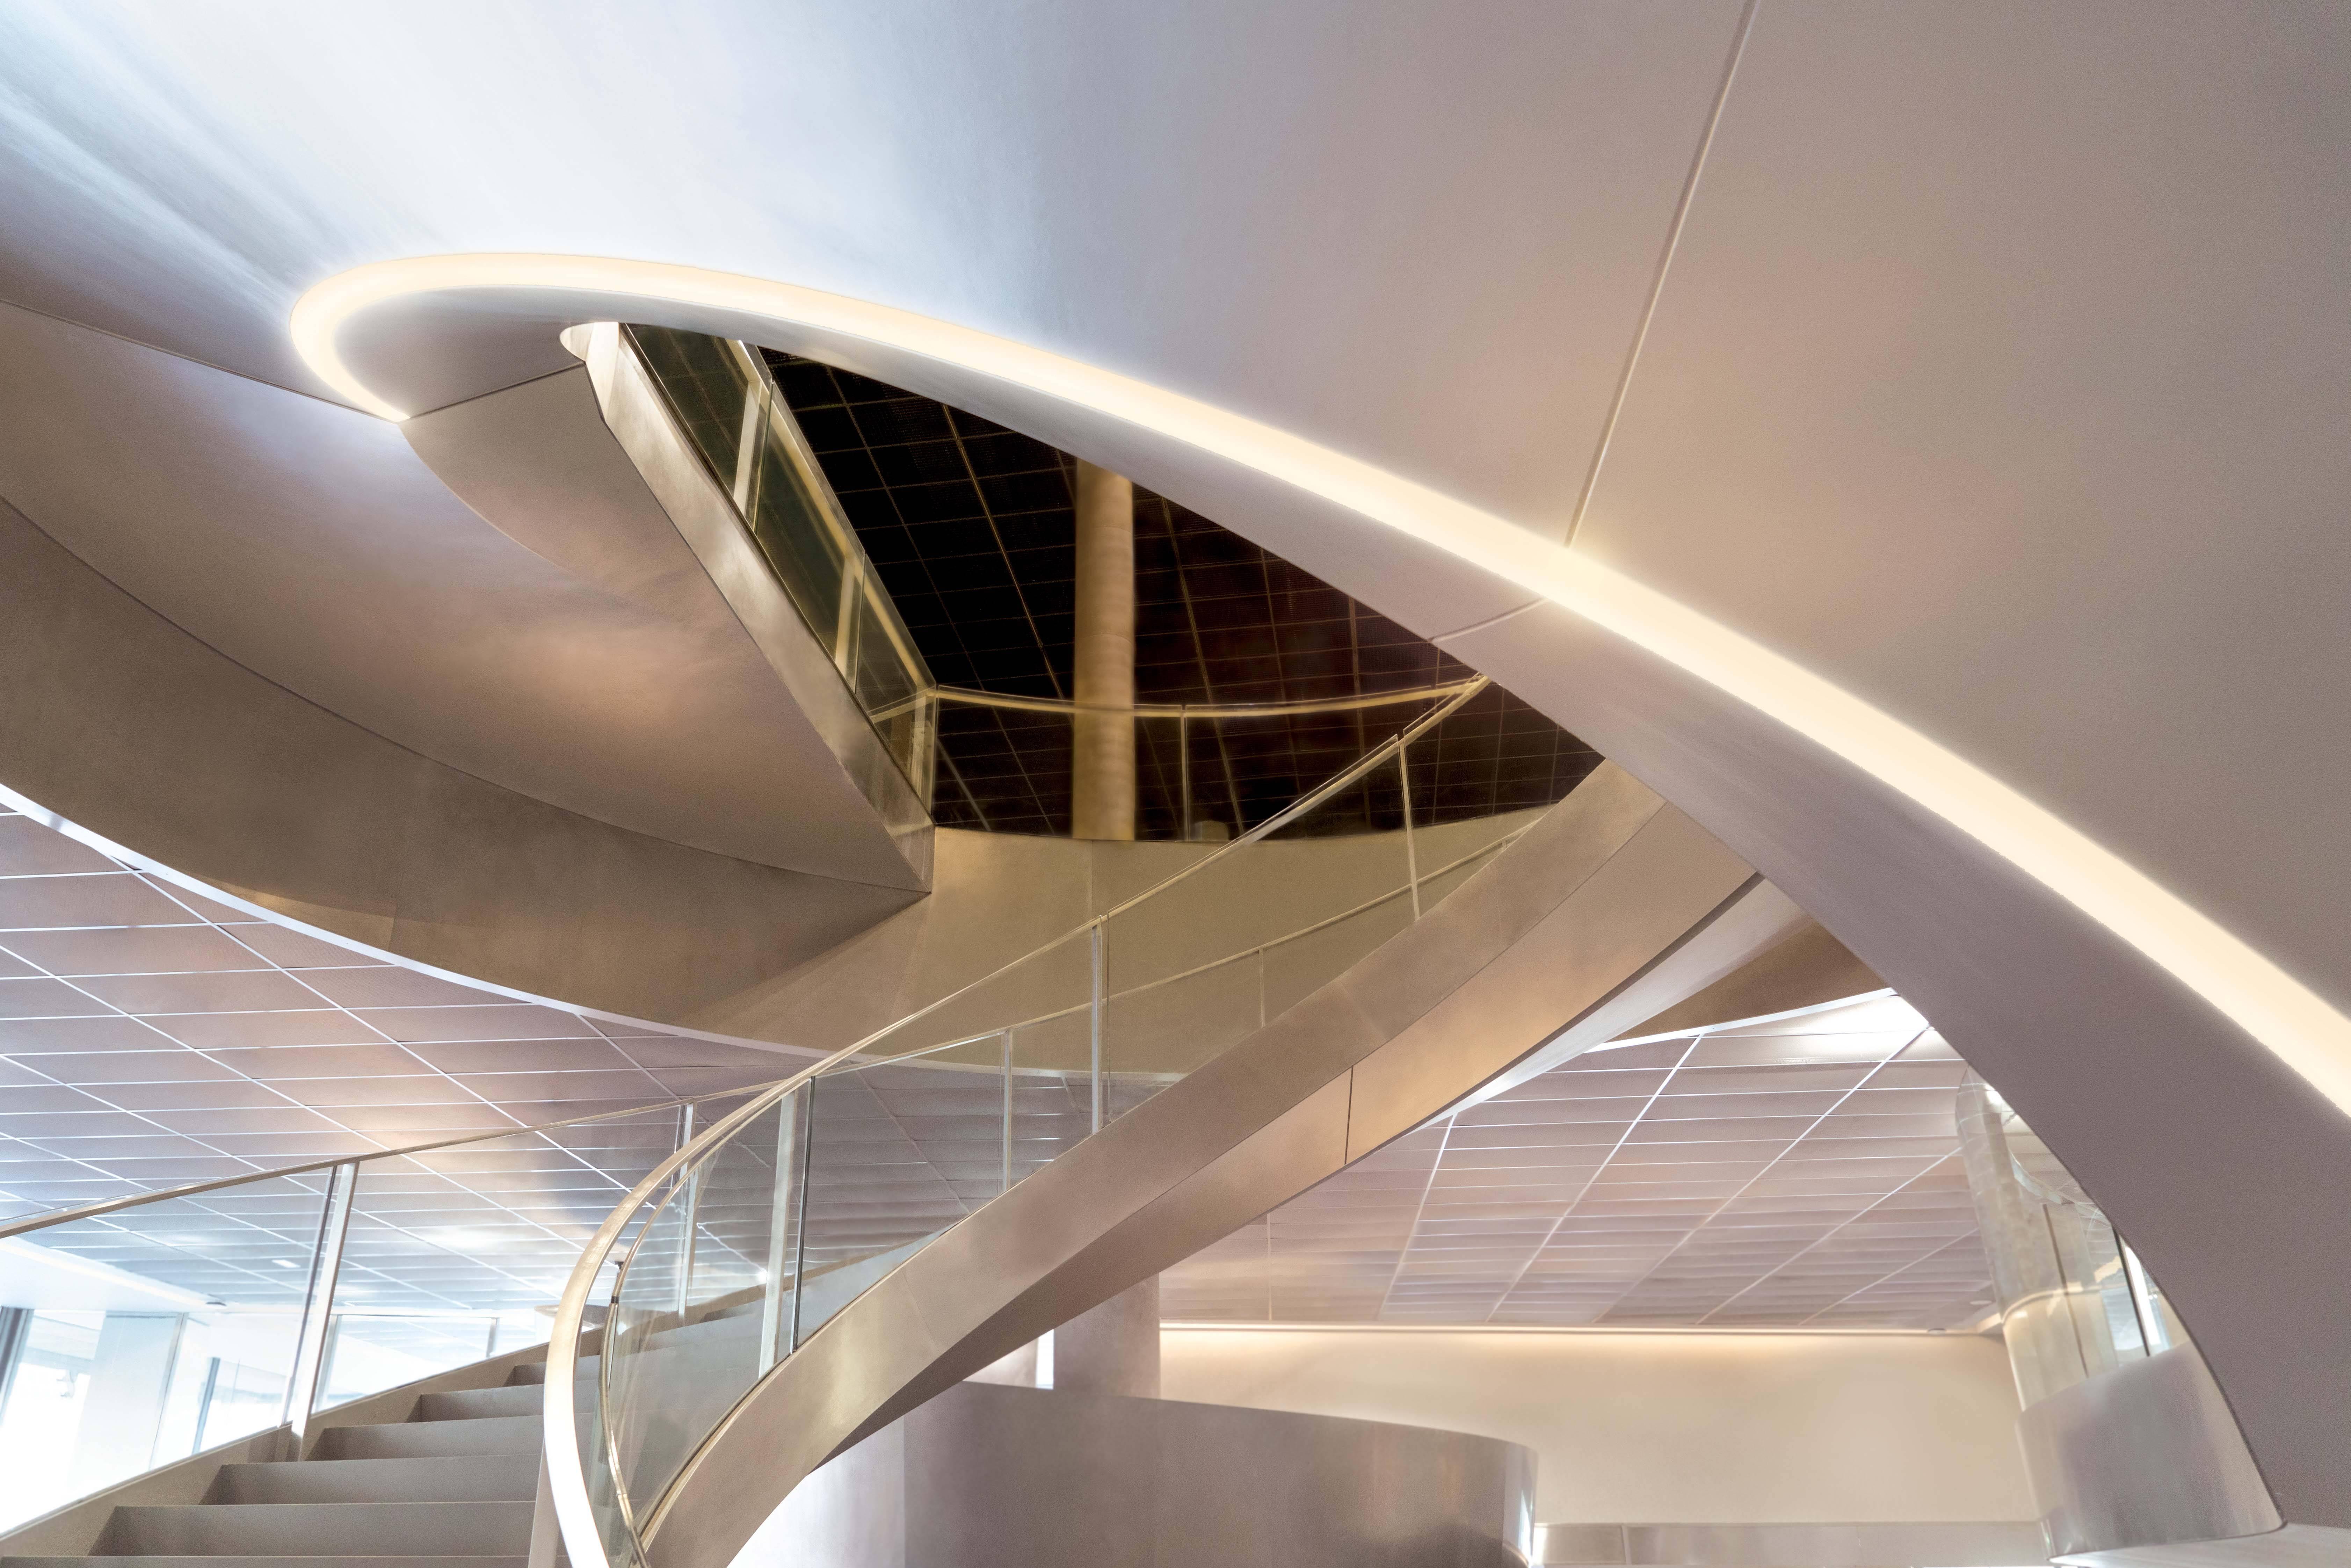 As escadas do museu /Foto: Serge Urvoy